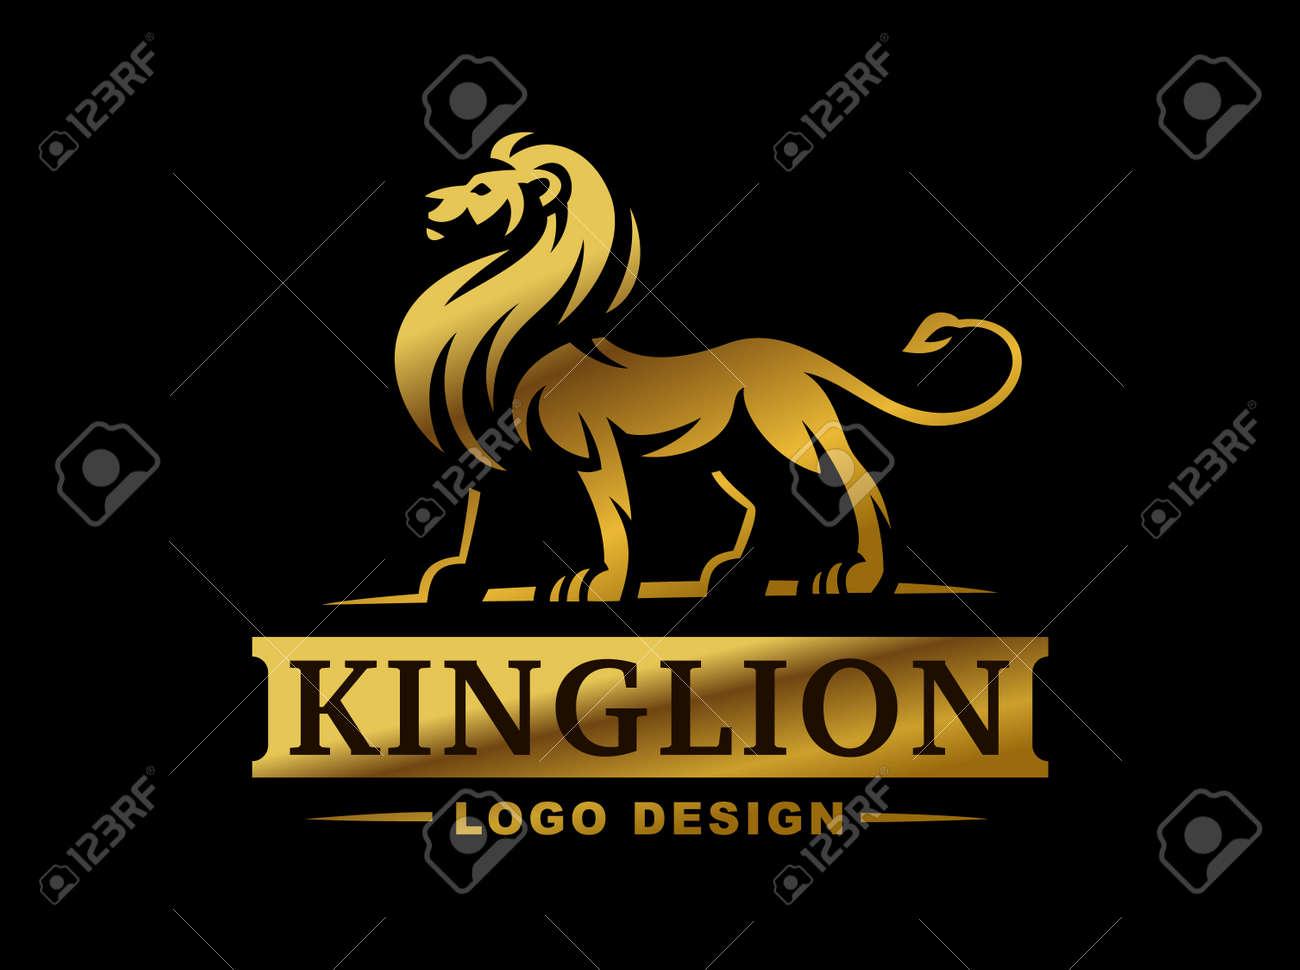 gold lion logo - Parfu kaptanband co